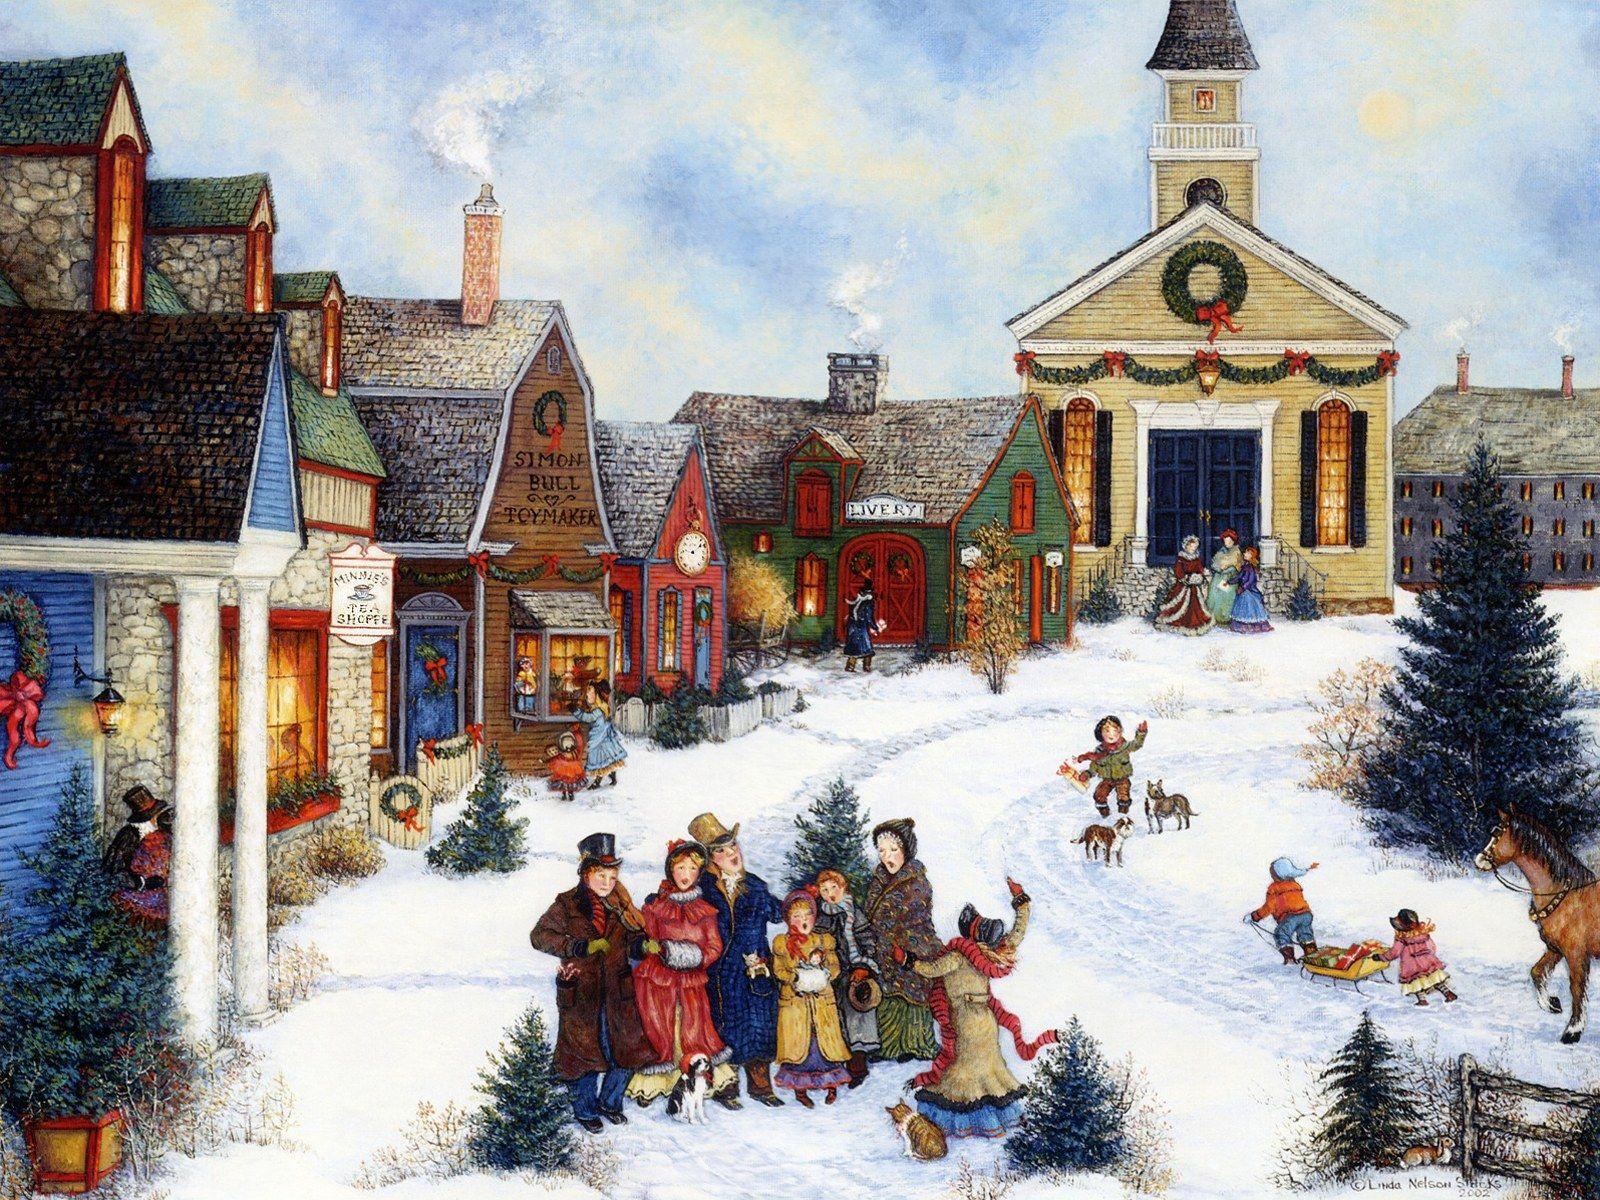 American Folk Art Linda Nelson Stocks Folk Art Painting